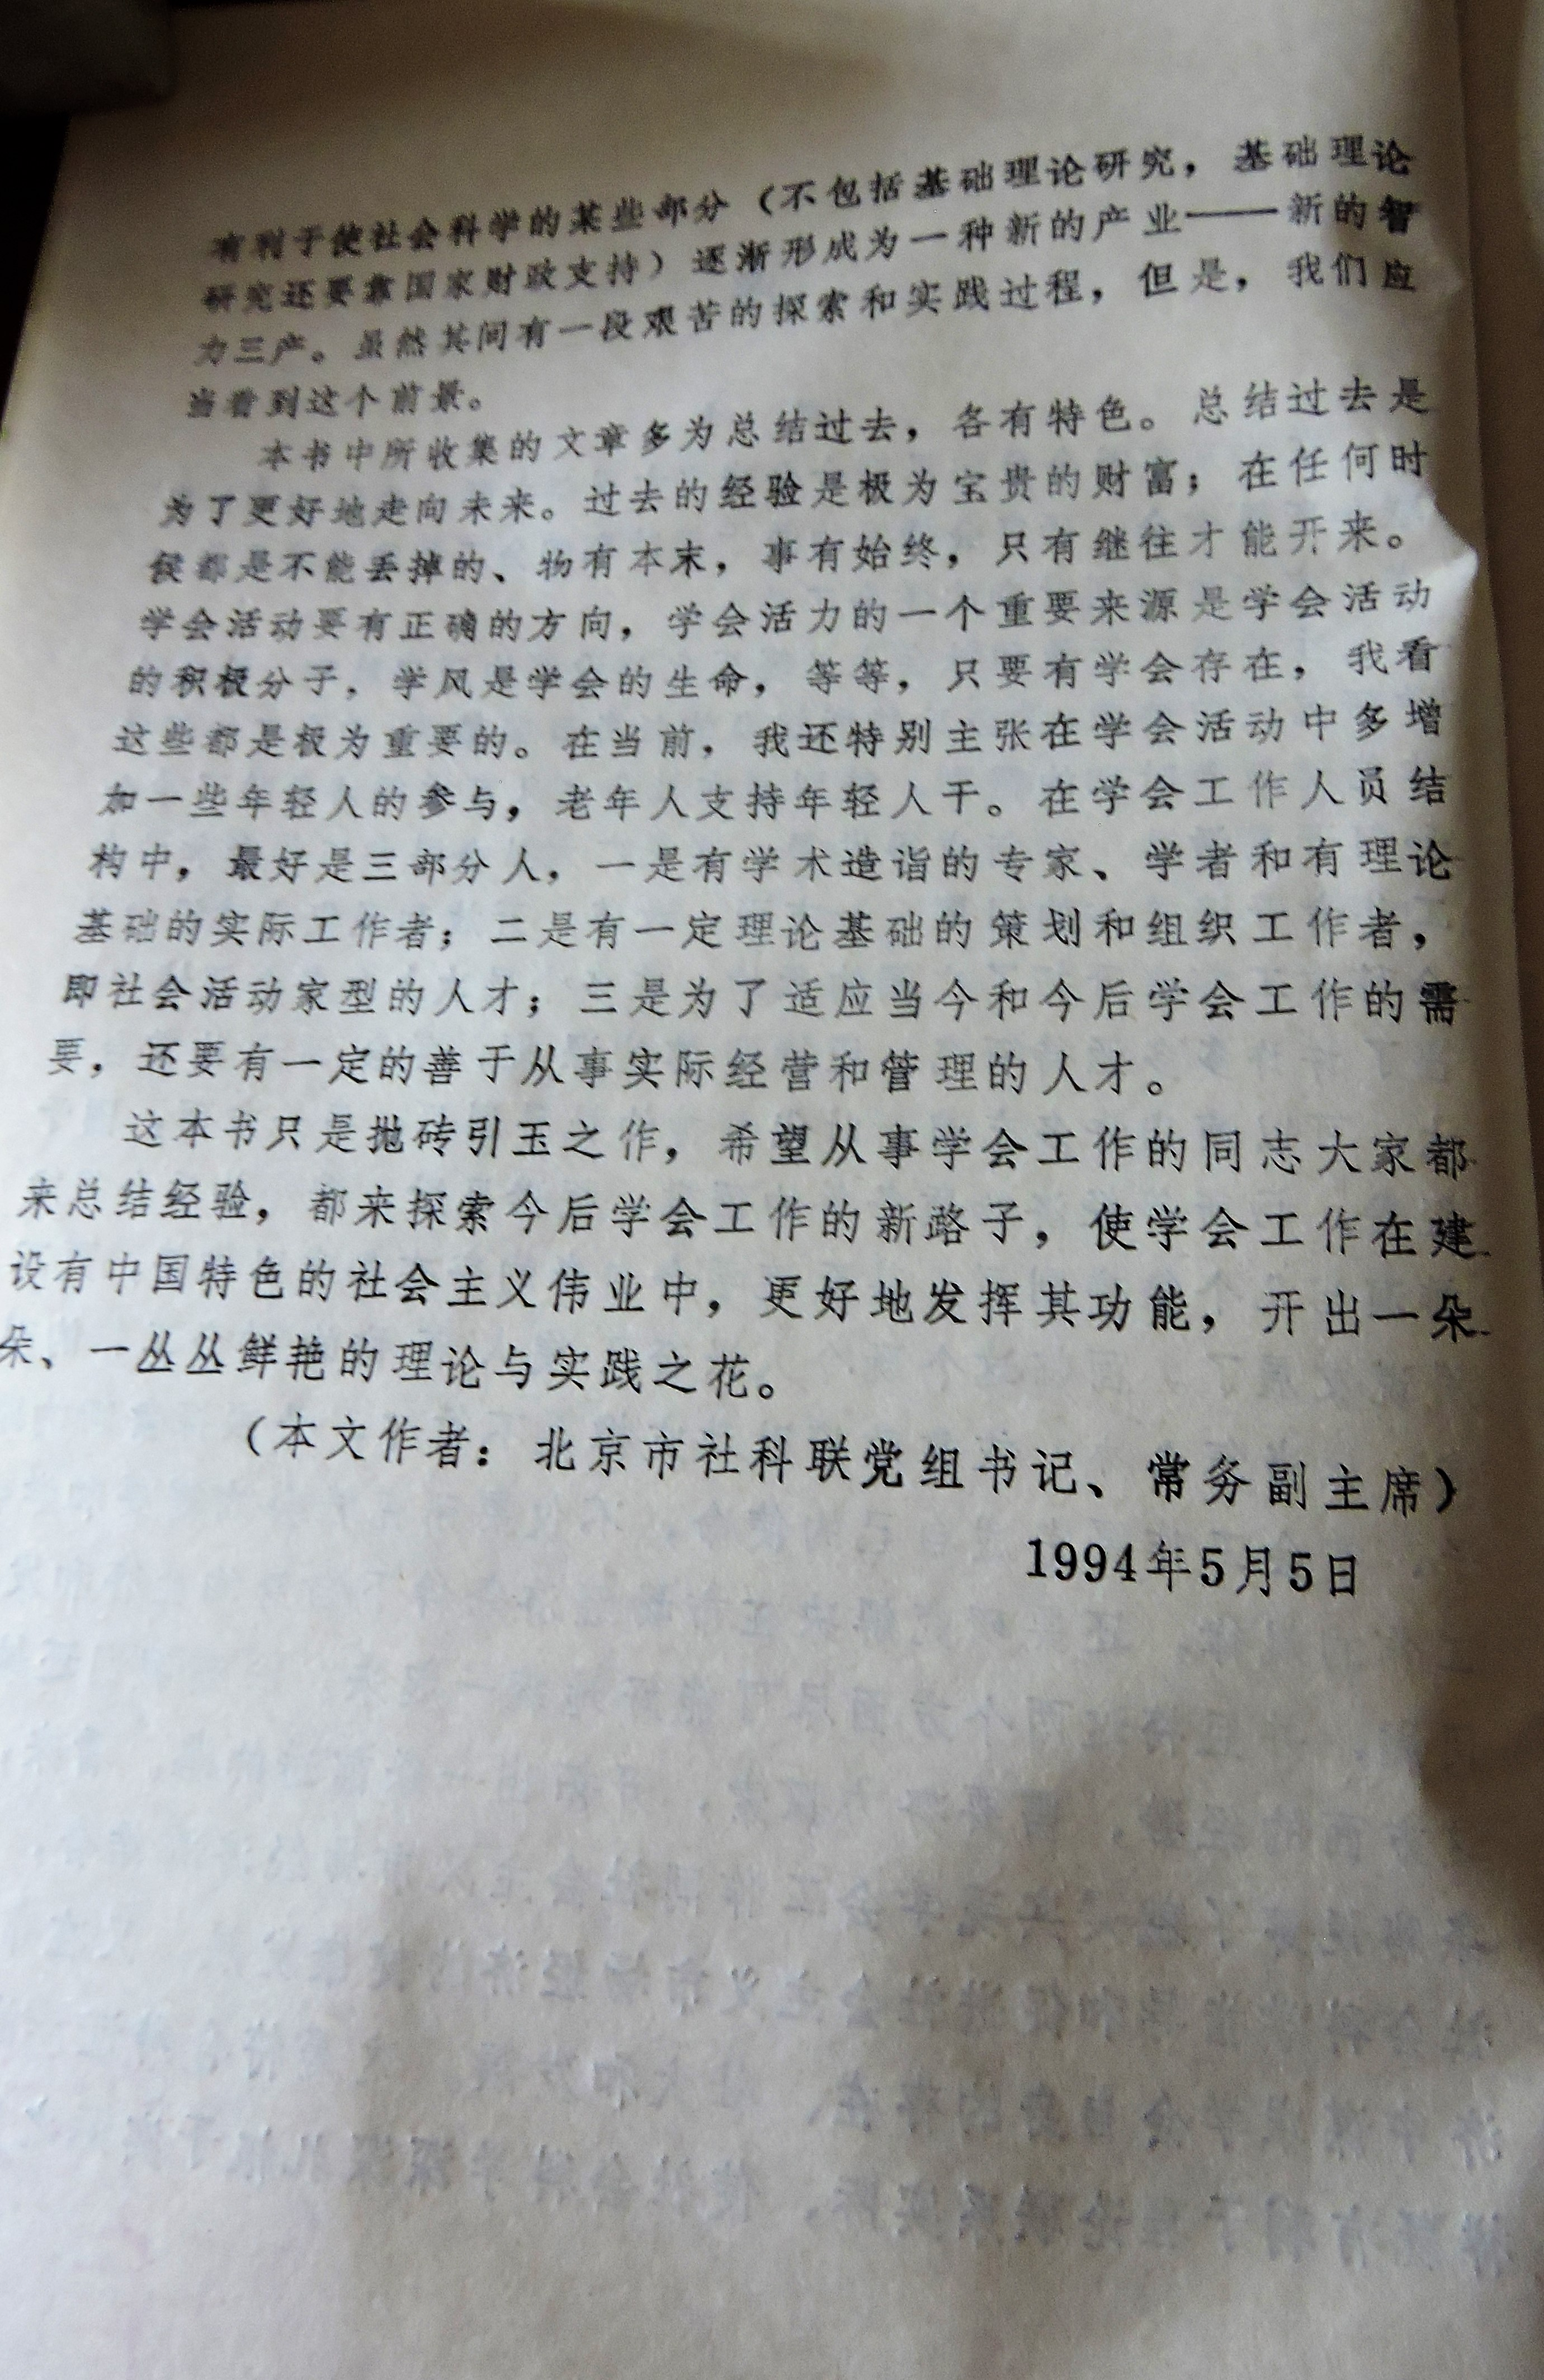 4 DSCN8234.jpg